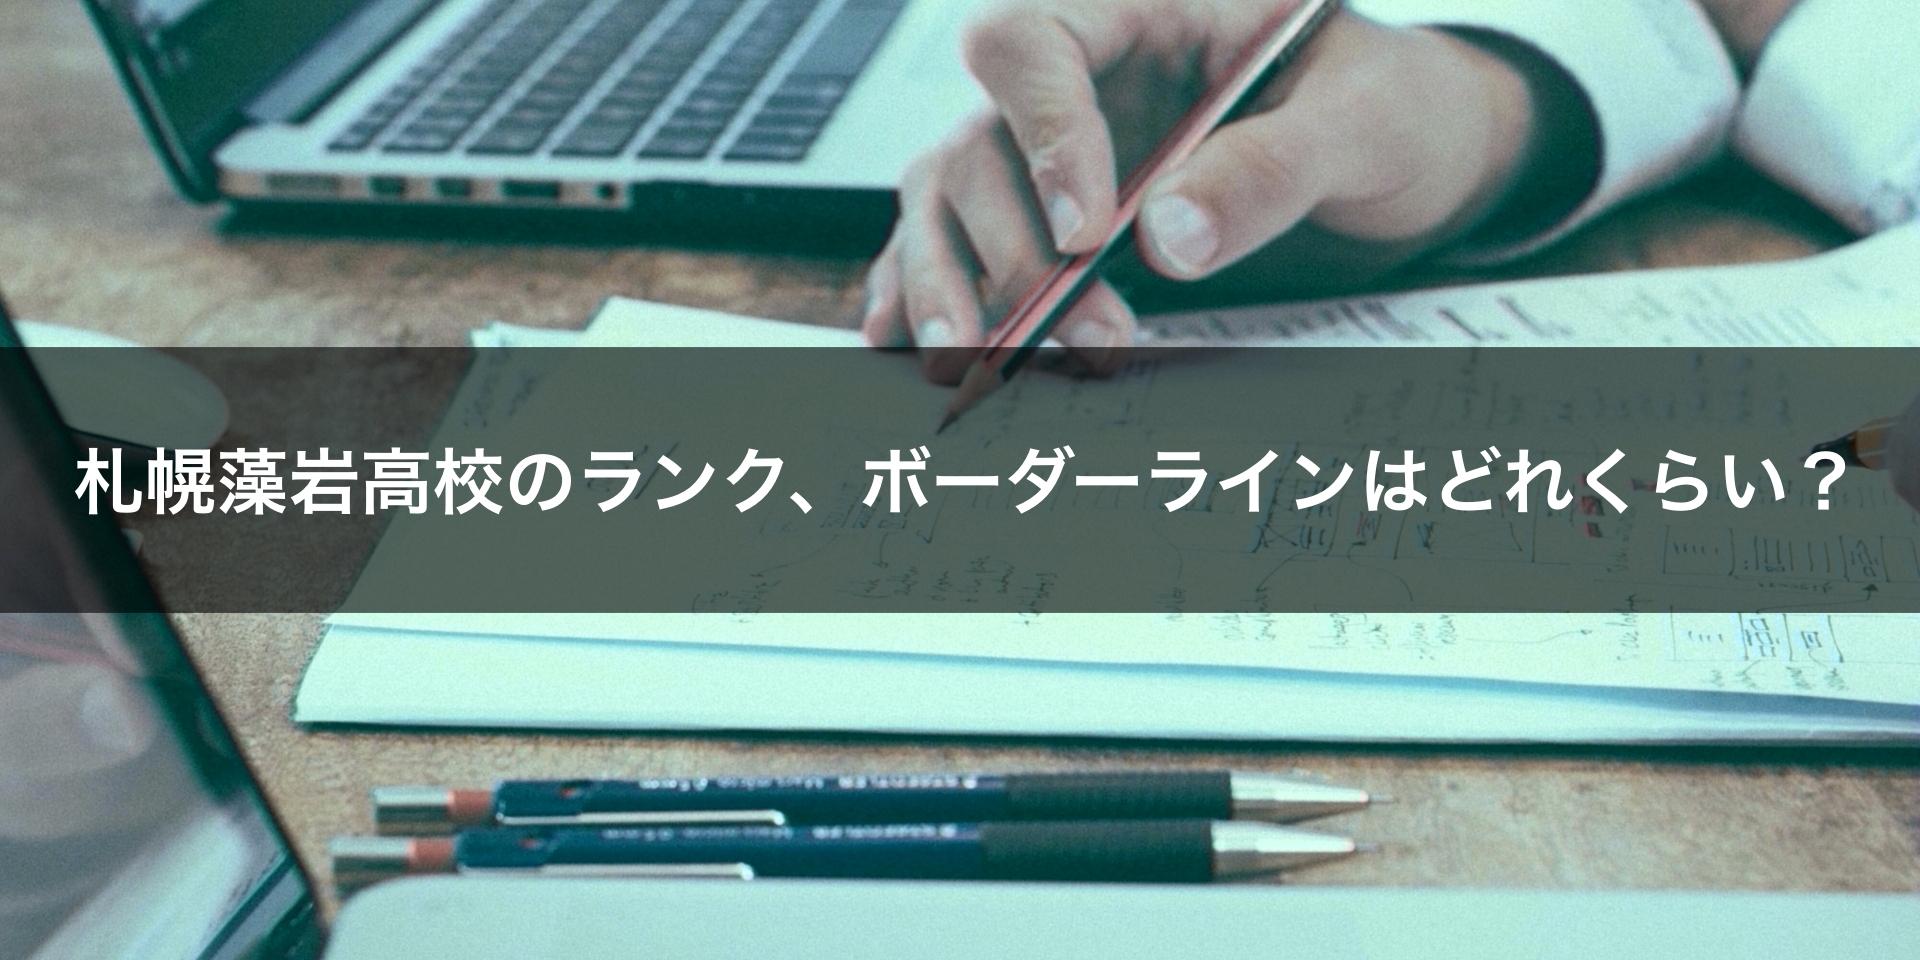 札幌藻岩高校のランク、ボーダーラインはどれくらい?